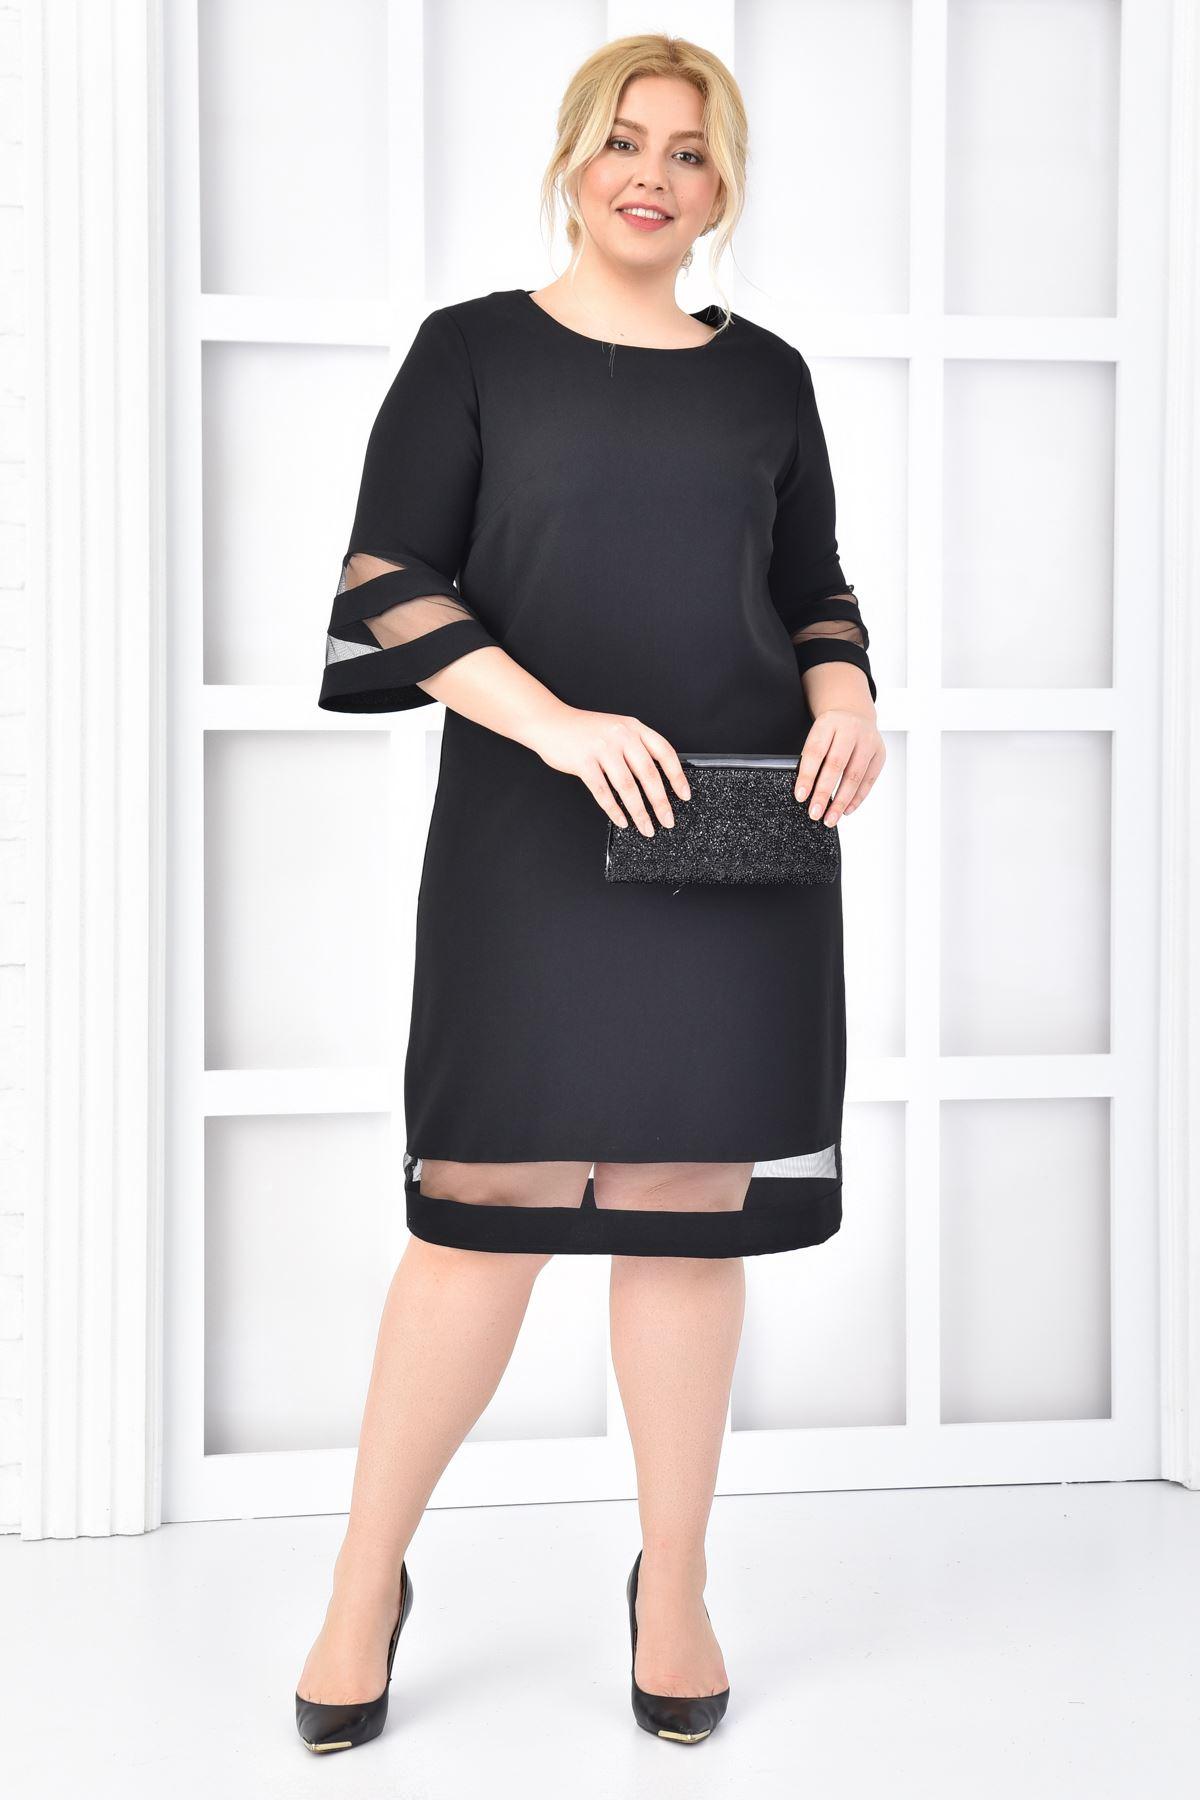 Kadın Siyah Büyük Beden Elbise Kol Etek Transparan